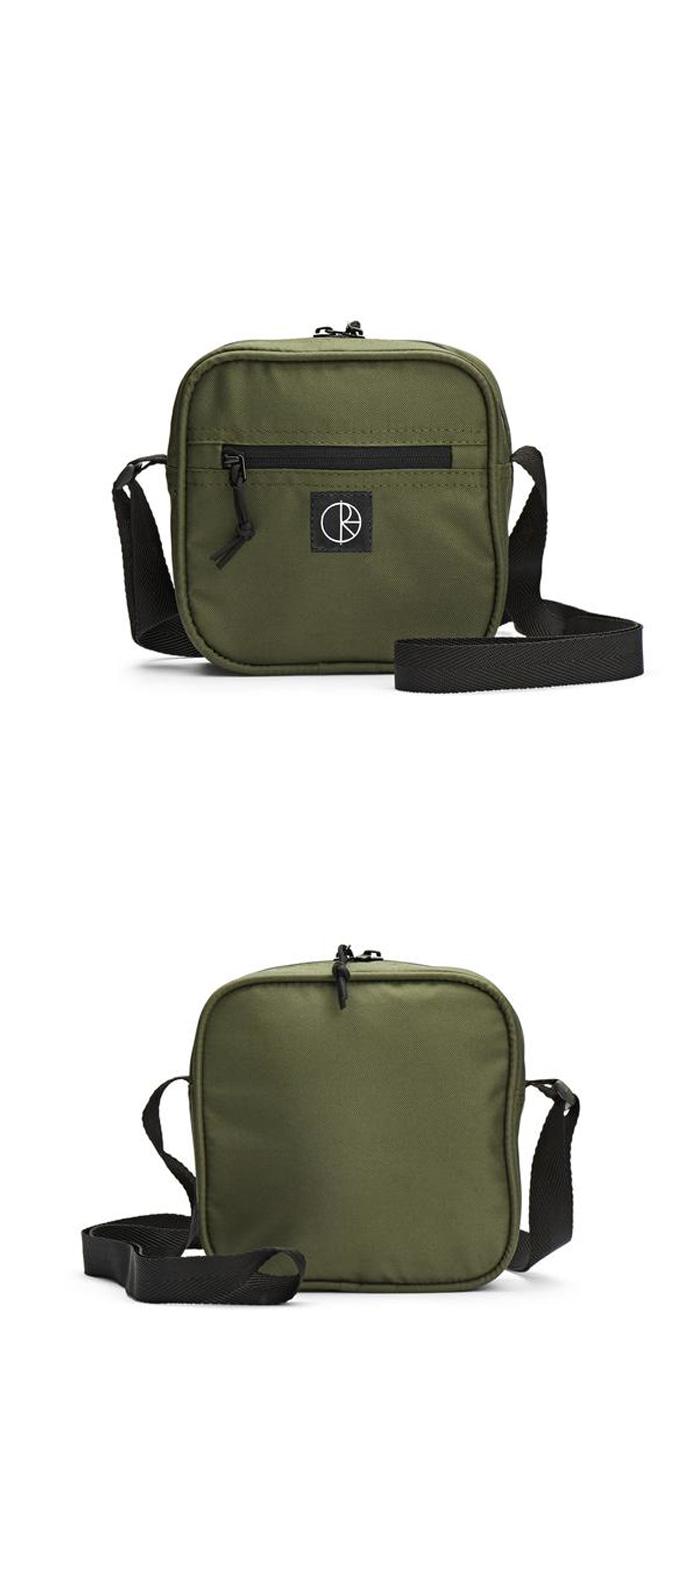 폴라(POLAR) Cordura Dealer Bag - Olive